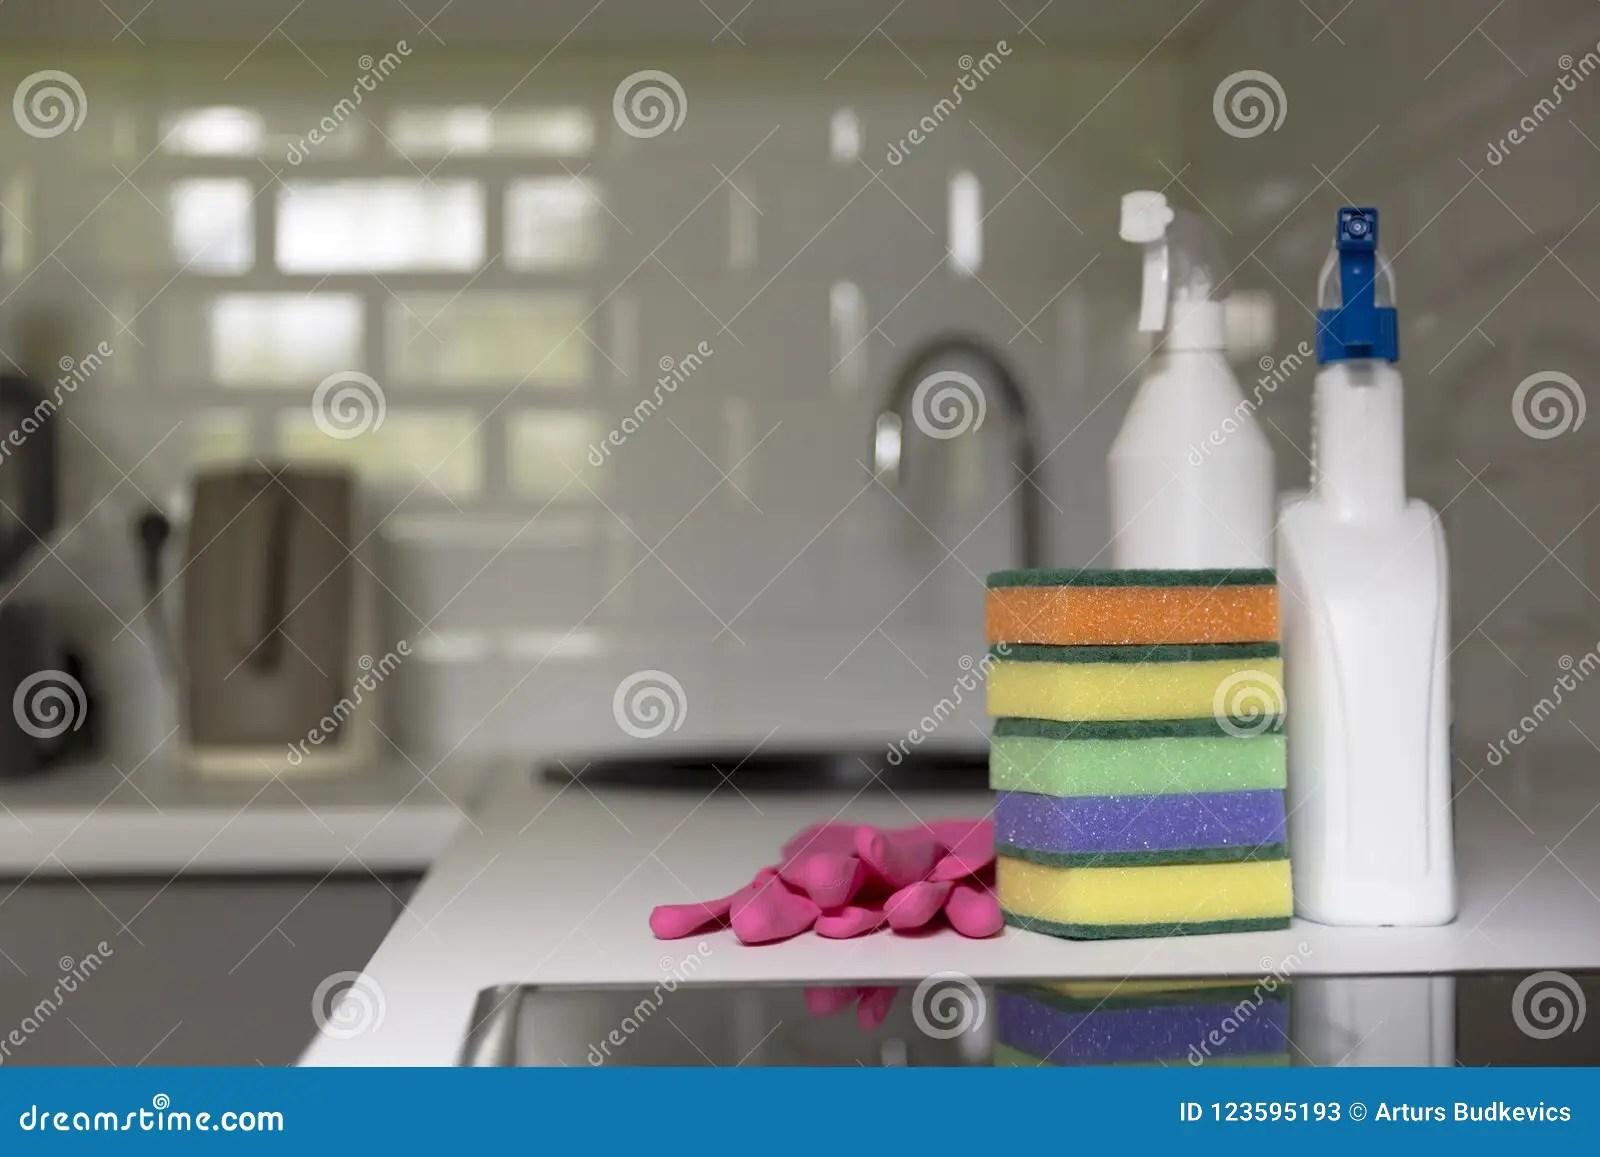 kitchen cleaning remodel cincinnati 厨房清洁工具家庭设备 大扫除 钛库存图片 图片包括有清洁 项目 手套 整理 清洗的服务概念